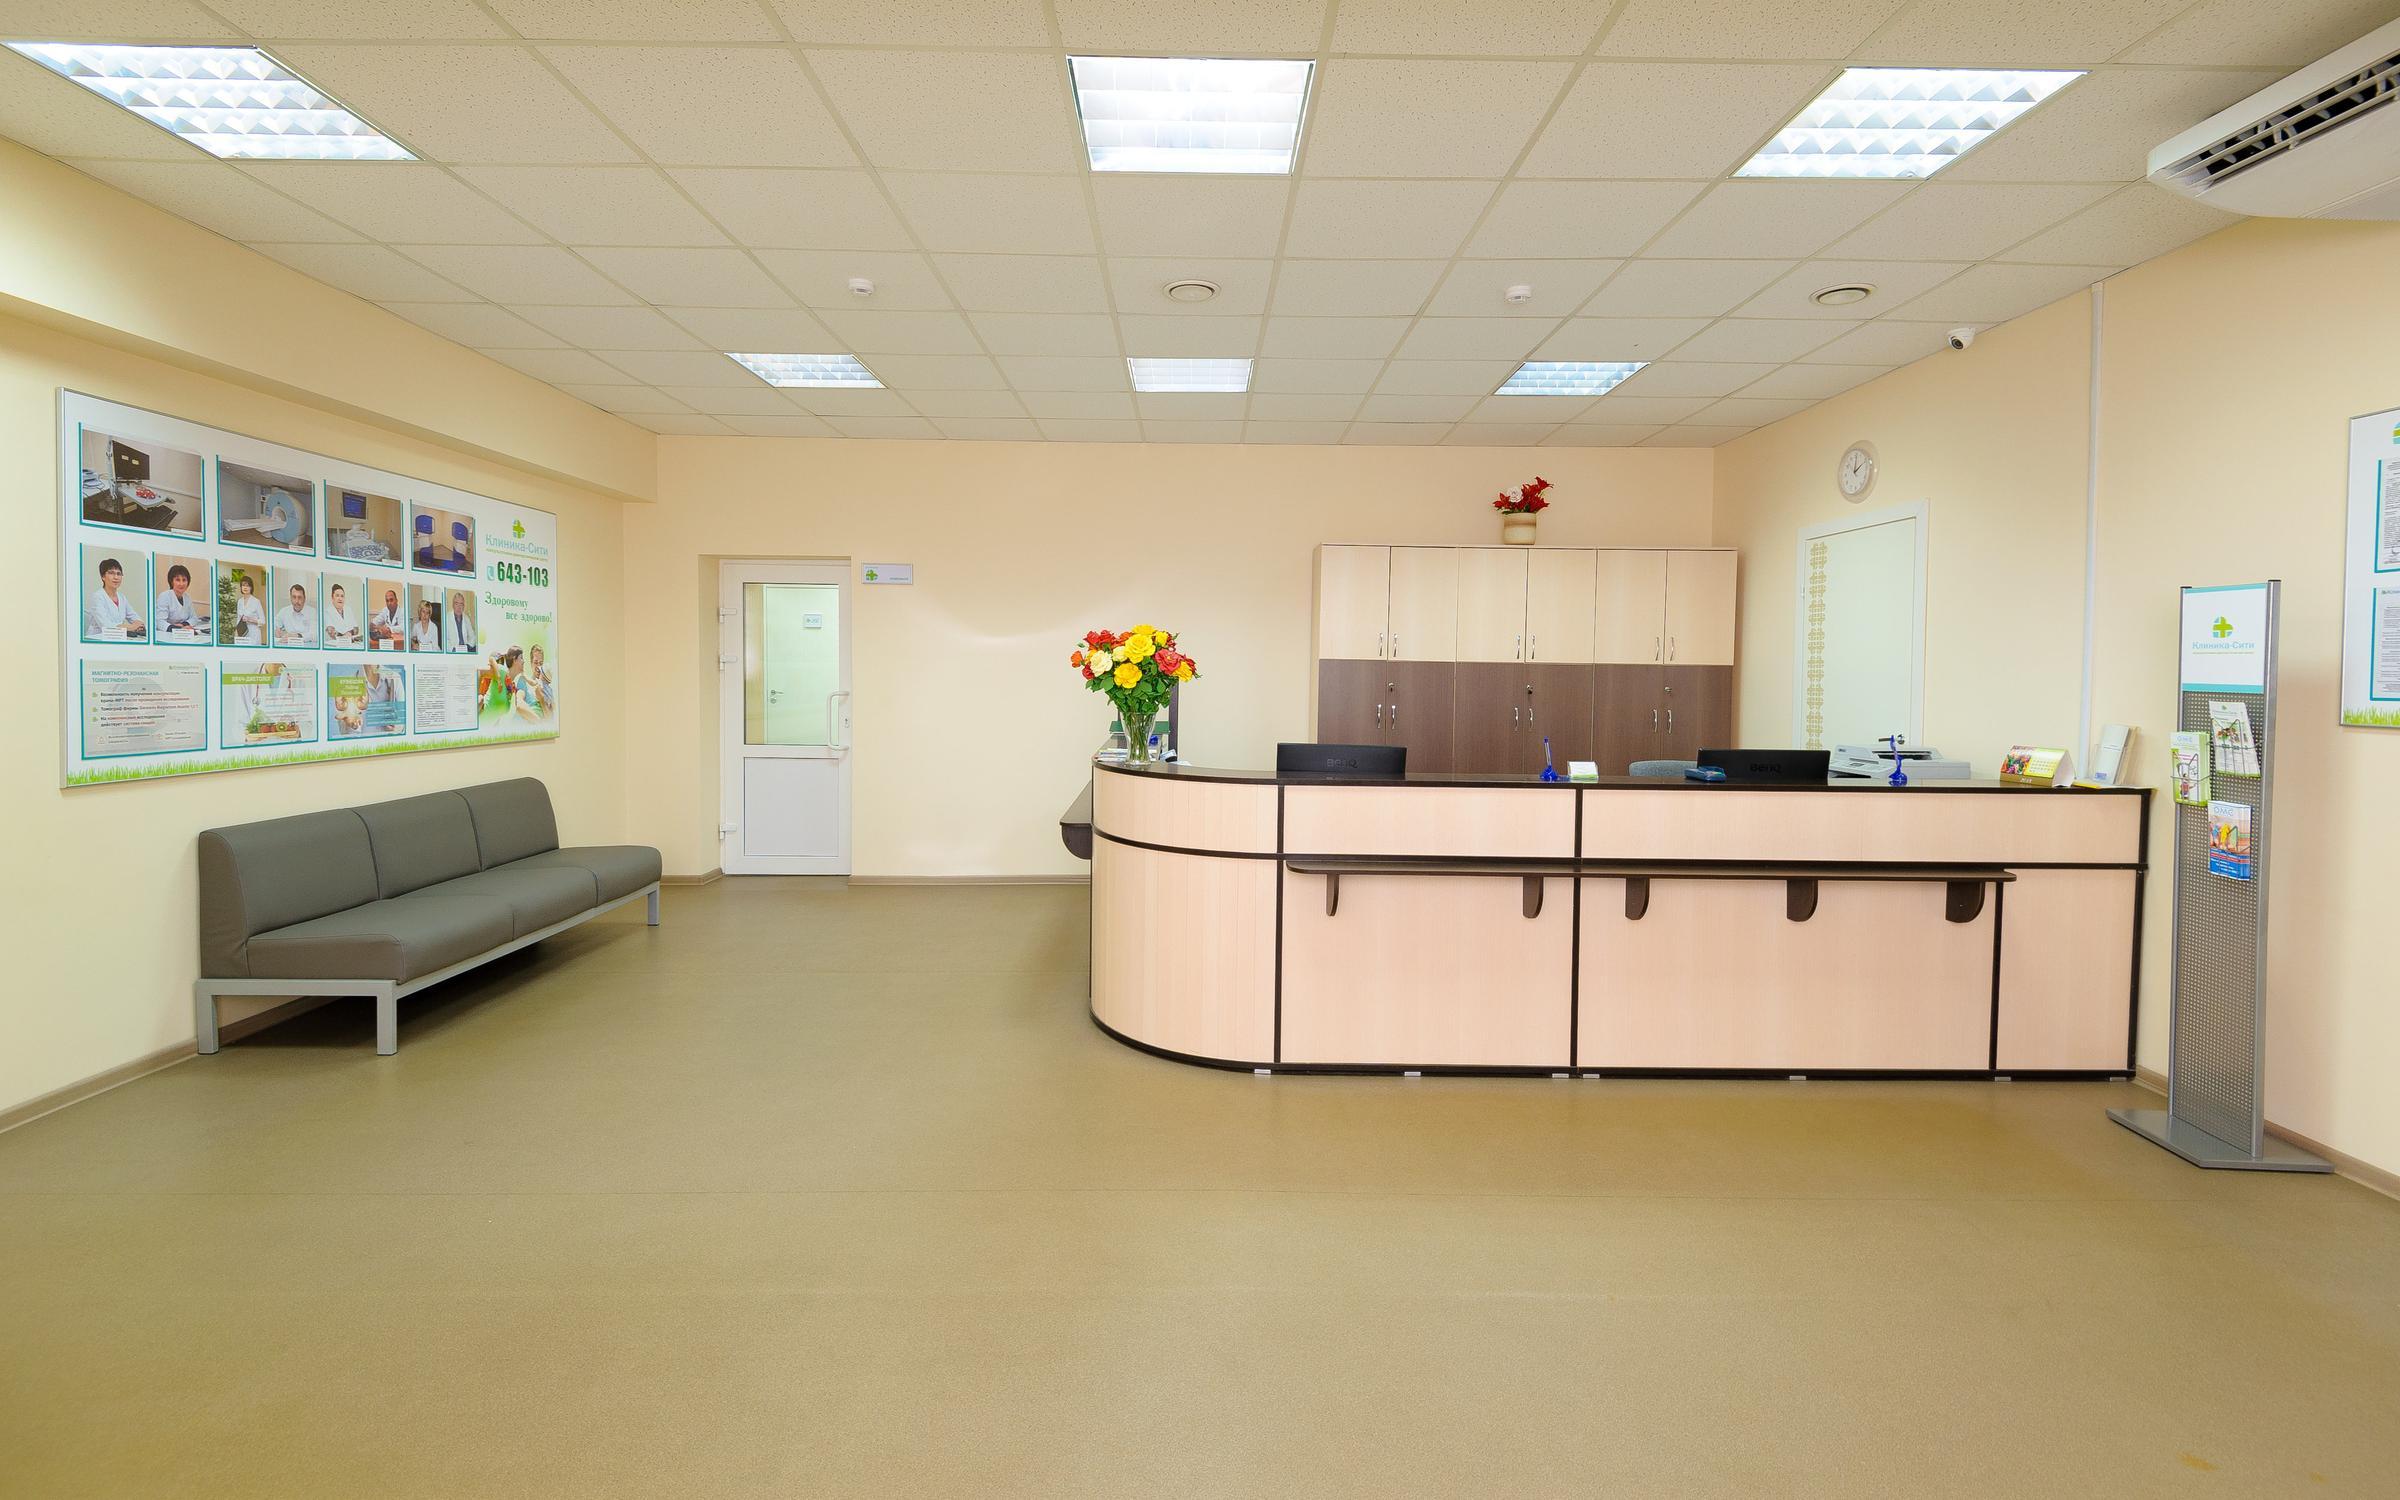 фотография Клинико-диагностического центра Клиника-сити на Тамбовской улице